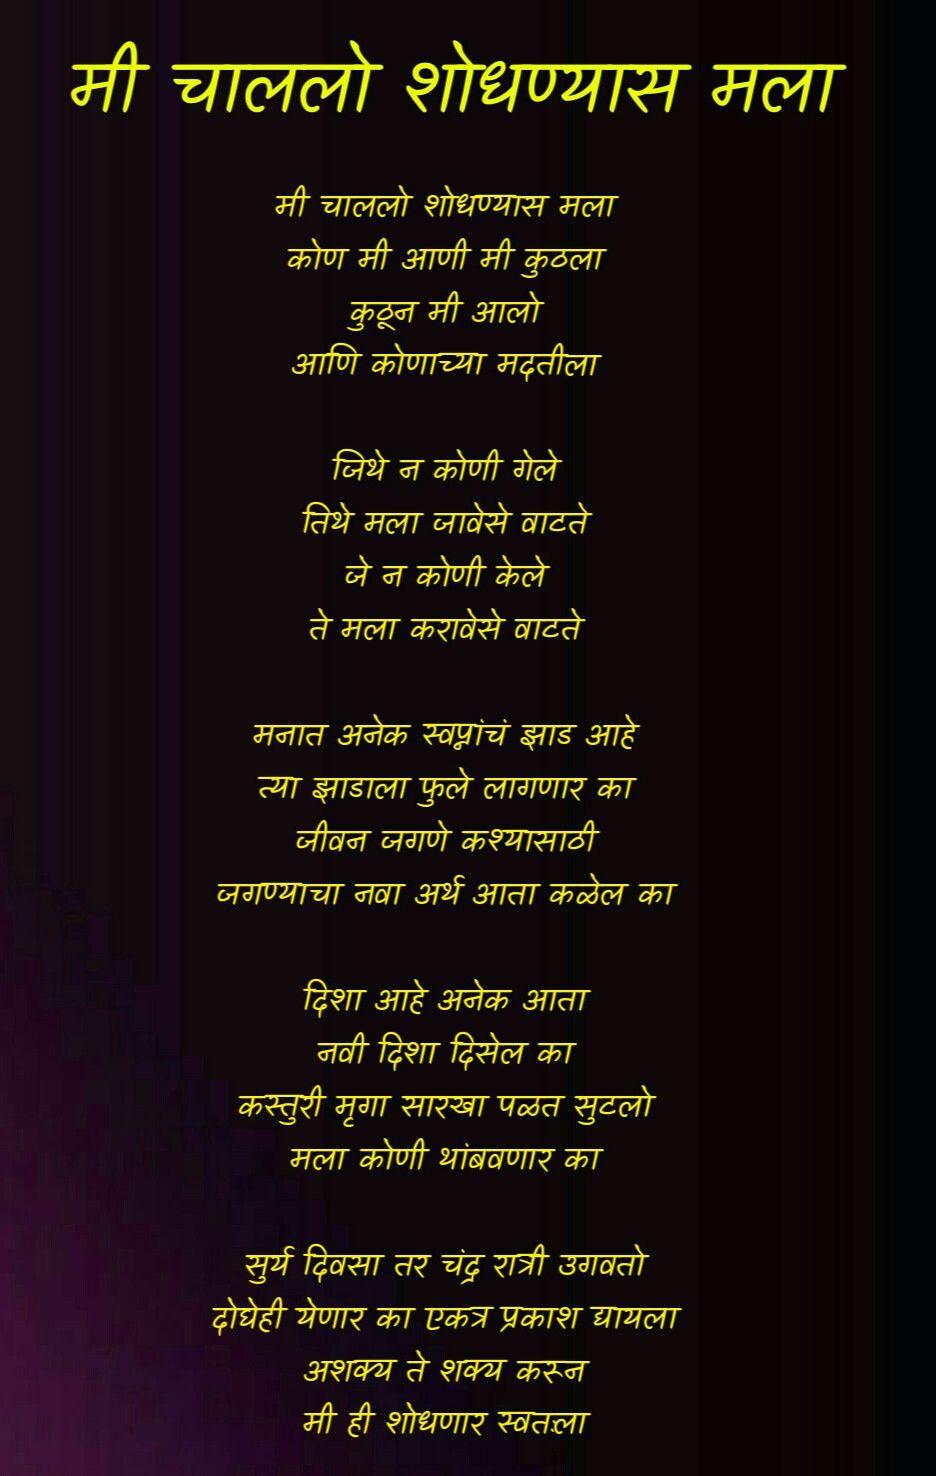 मी चाललो शोधण्यास मला Motivational poems, Marathi poems